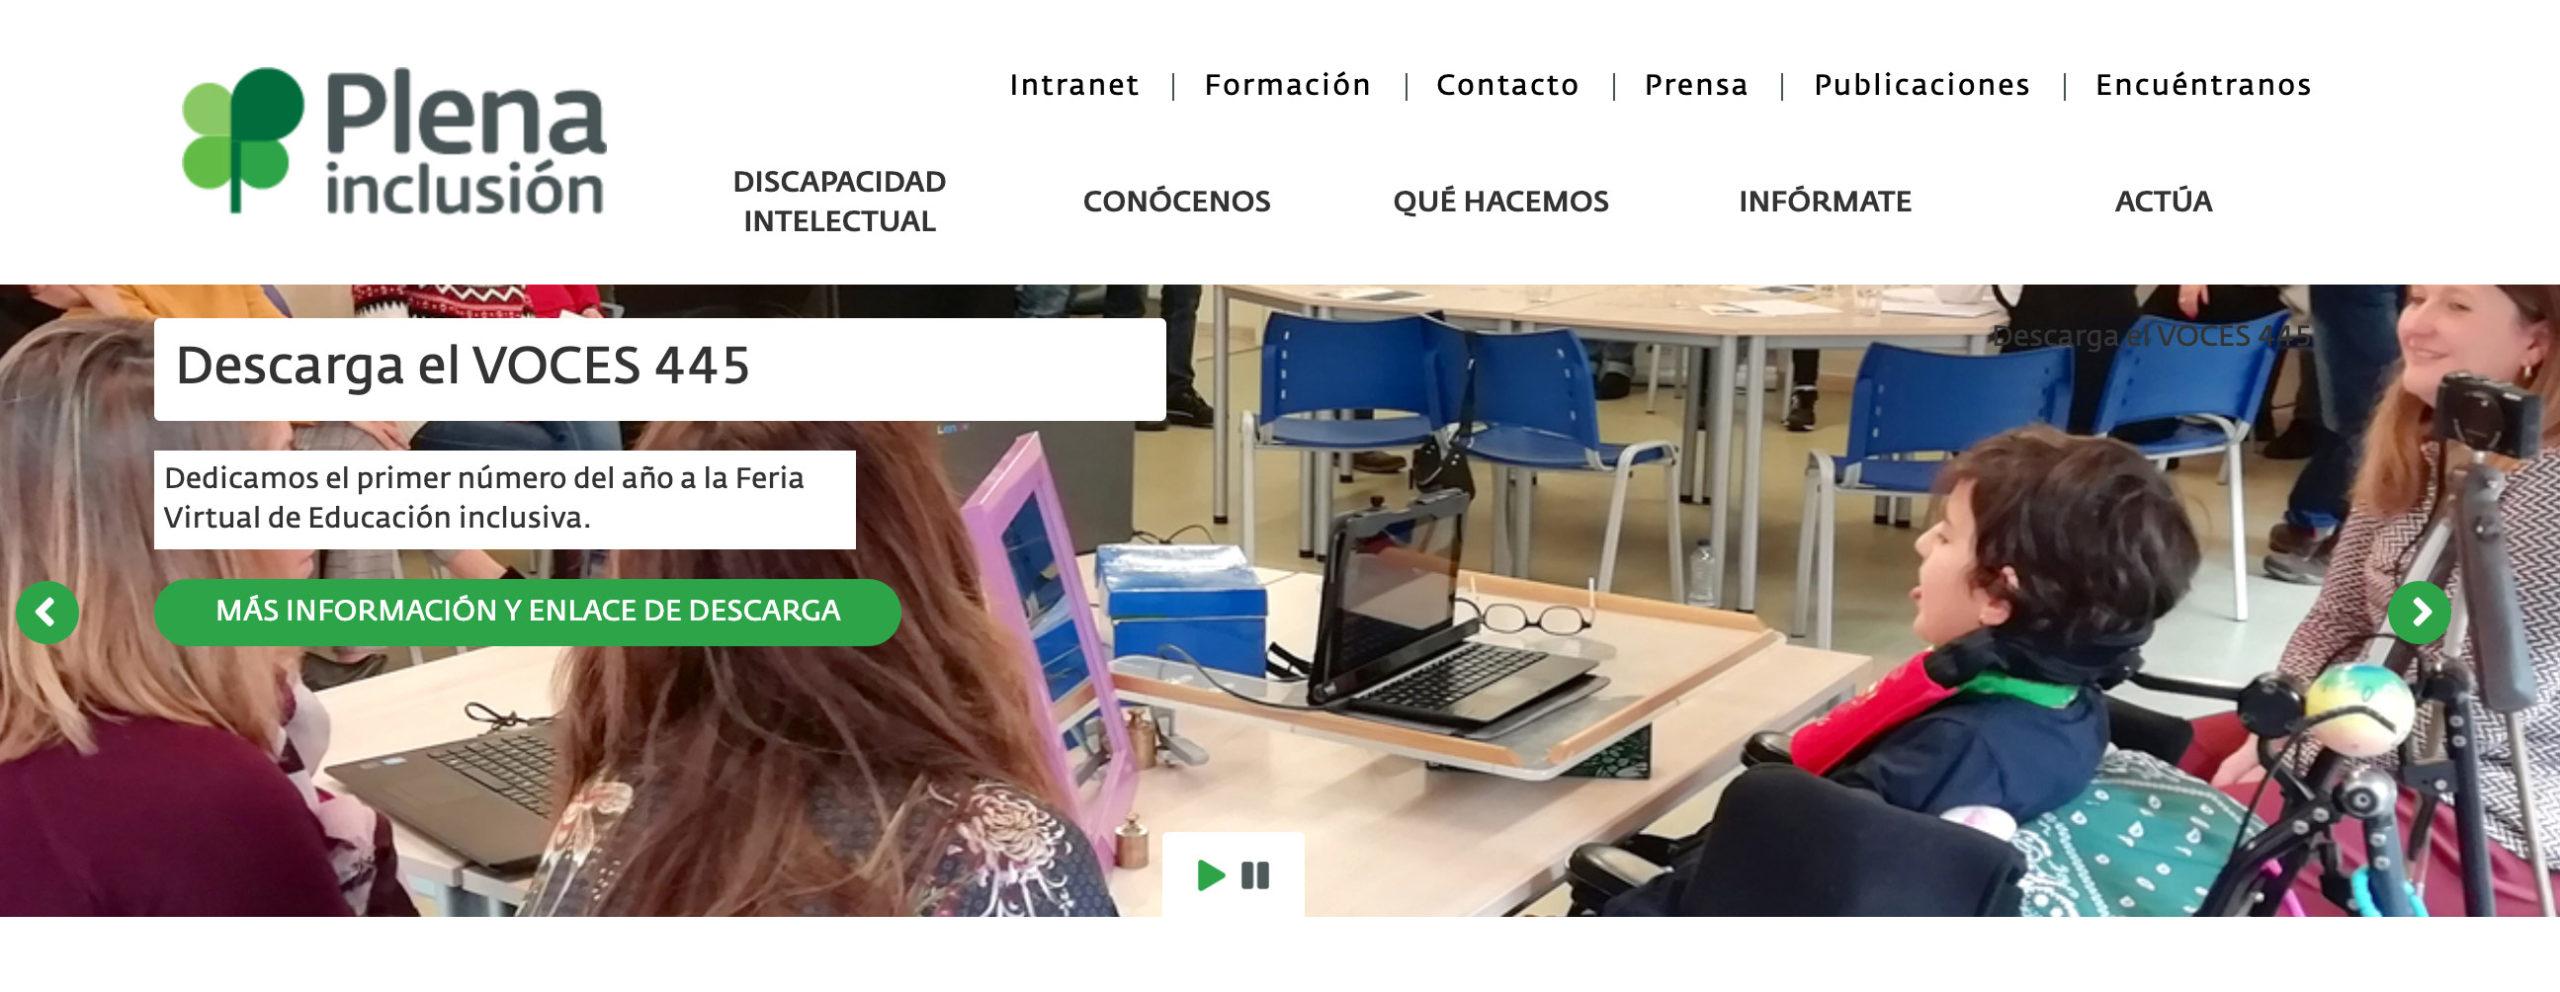 Ejemplo Slider de la página web de Plena Inclusión